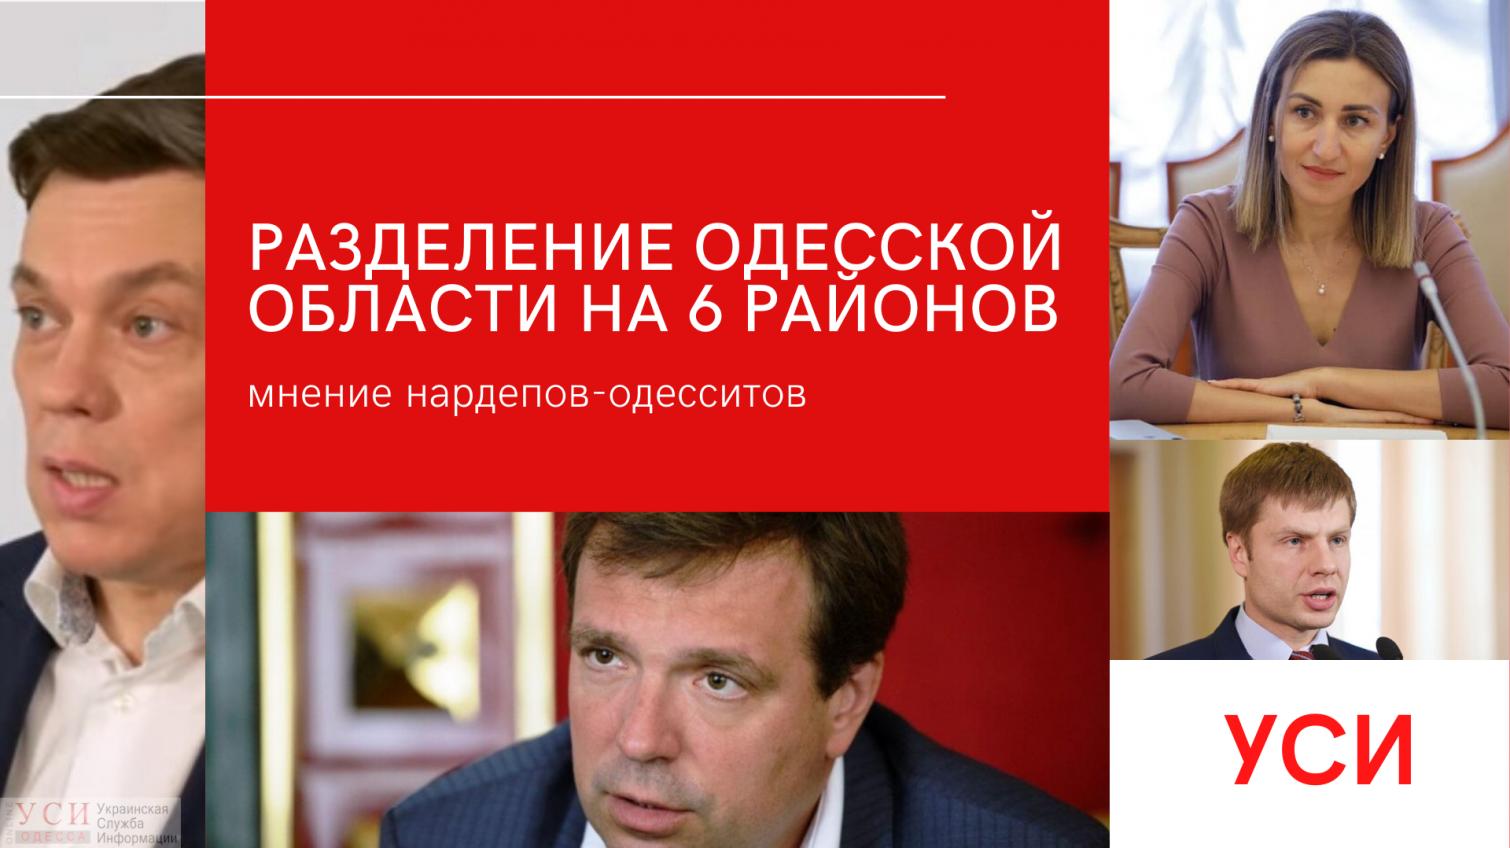 Одесскую область предлагают поделить на 6 районов: одесские нардепы говорят о непродуманности реформы (карта) «фото»